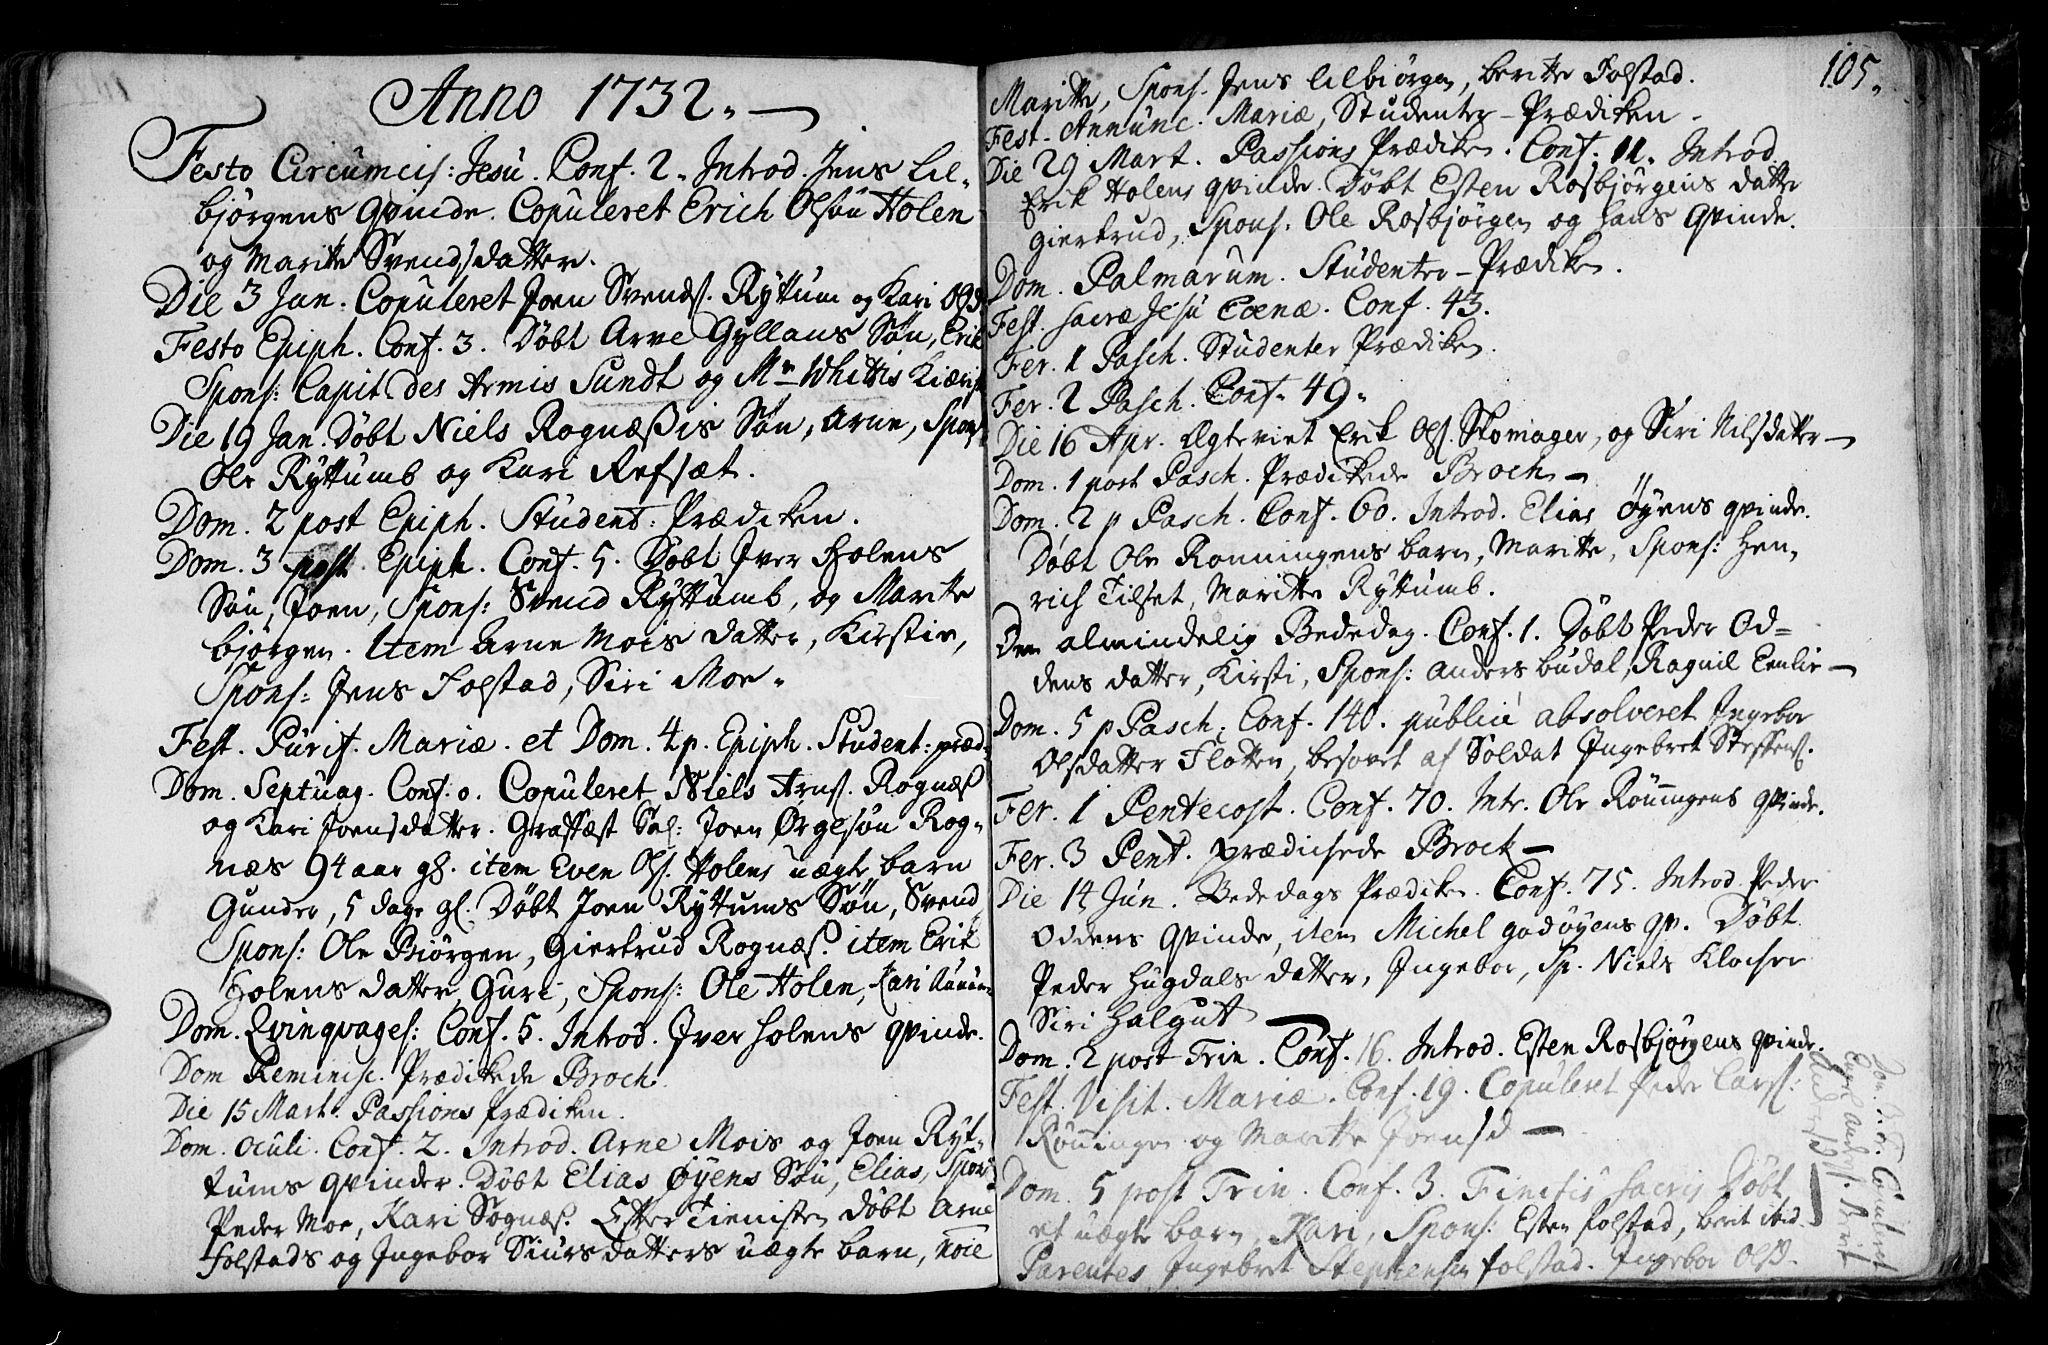 SAT, Ministerialprotokoller, klokkerbøker og fødselsregistre - Sør-Trøndelag, 687/L0990: Ministerialbok nr. 687A01, 1690-1746, s. 105